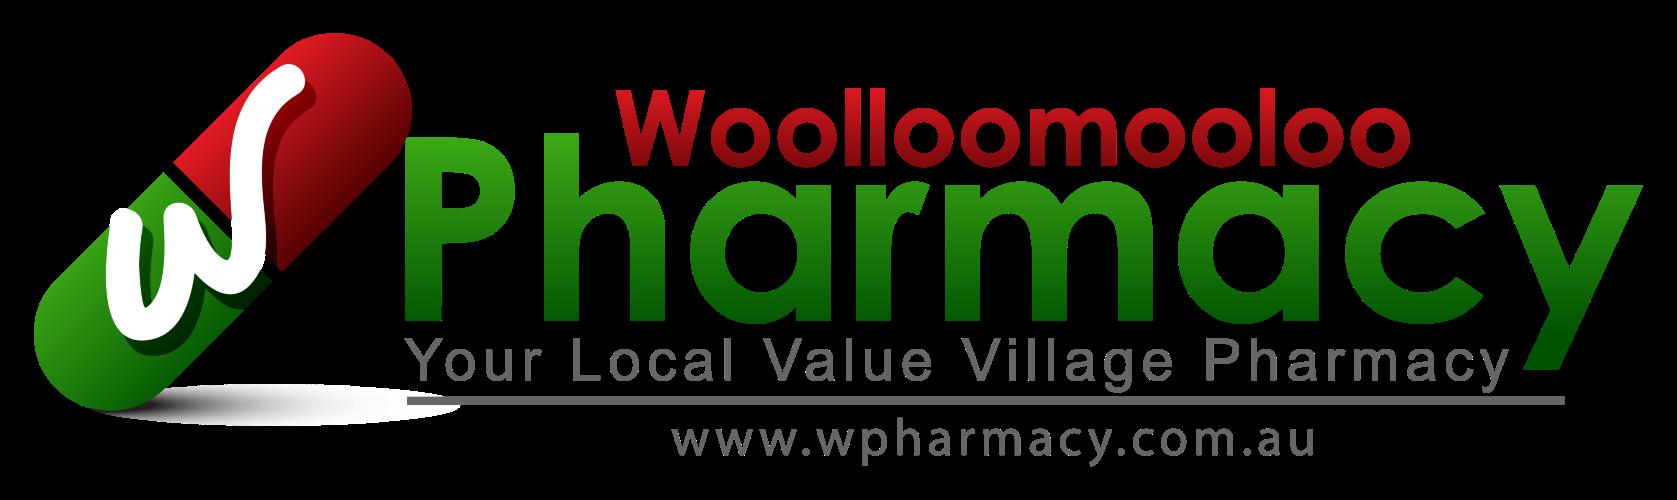 Woolloomooloo Pharmacy Cathedral Street Woolloomooloo Police Station Dr Foo